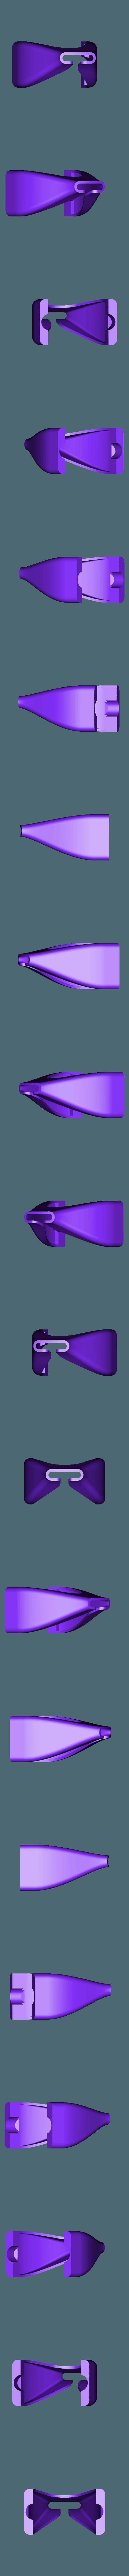 Extruder_Cable_Support_v2-2.STL Télécharger fichier STL gratuit Décharge de traction du câble de l'extrudeuse (RigidBot) • Plan imprimable en 3D, WalterHsiao